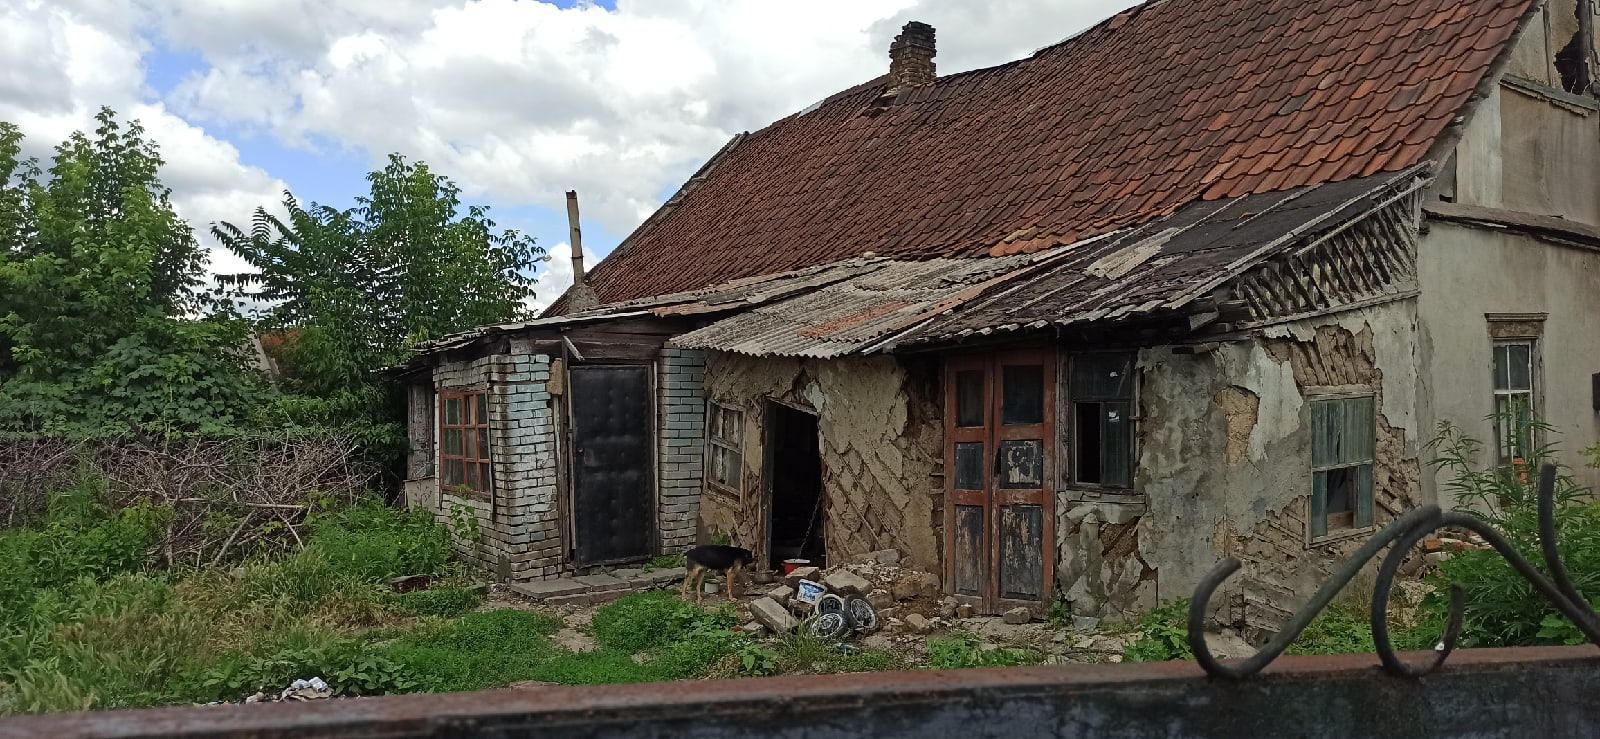 г. Запорожье. Проклятый старый дом.